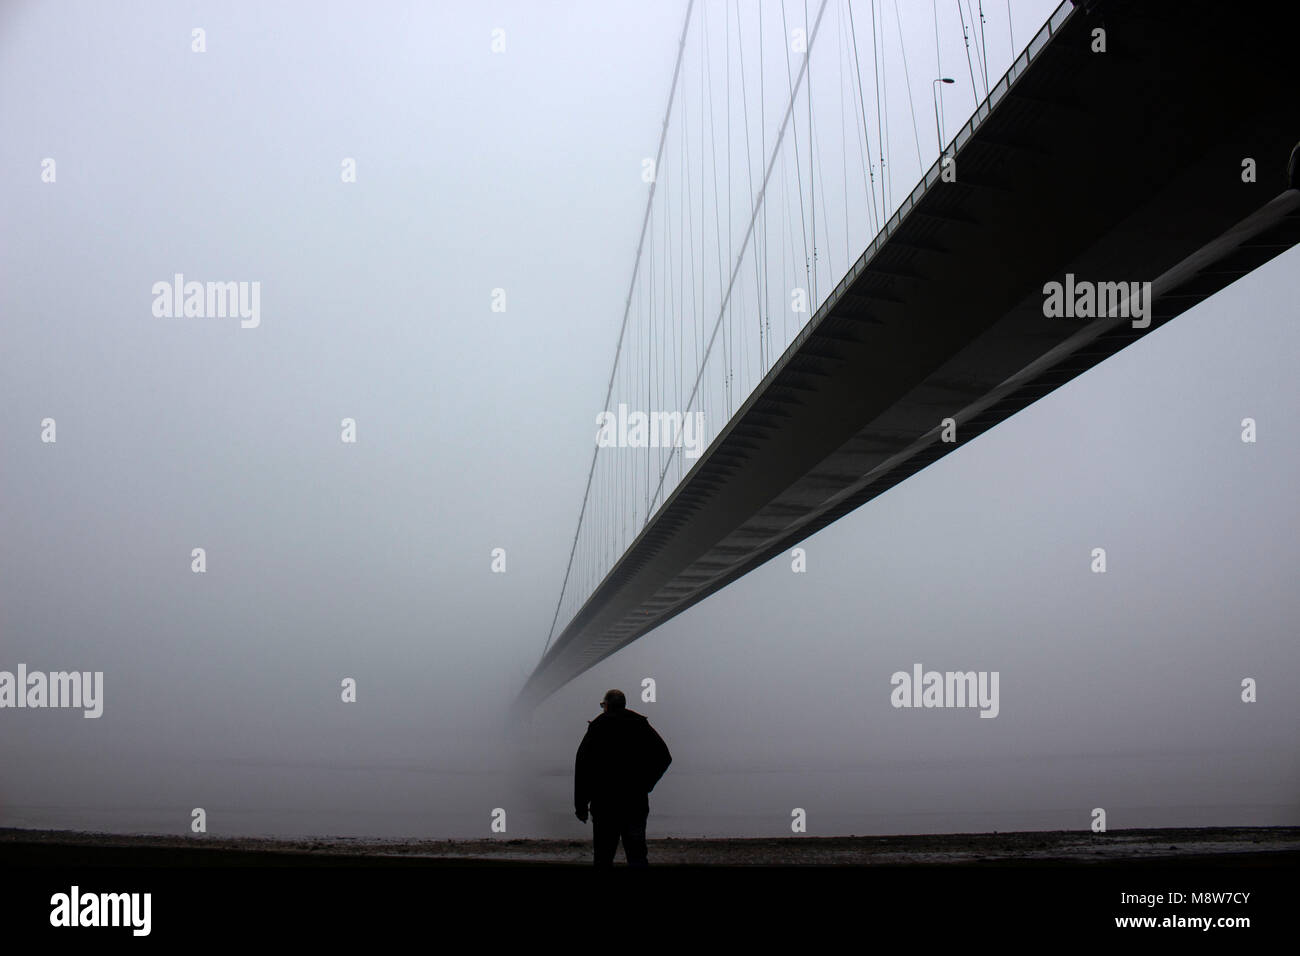 Le Humber Bridge avec brouillard, un homme donnant sur la rivière, Yorkshire, Angleterre, Royaume-Uni Photo Stock